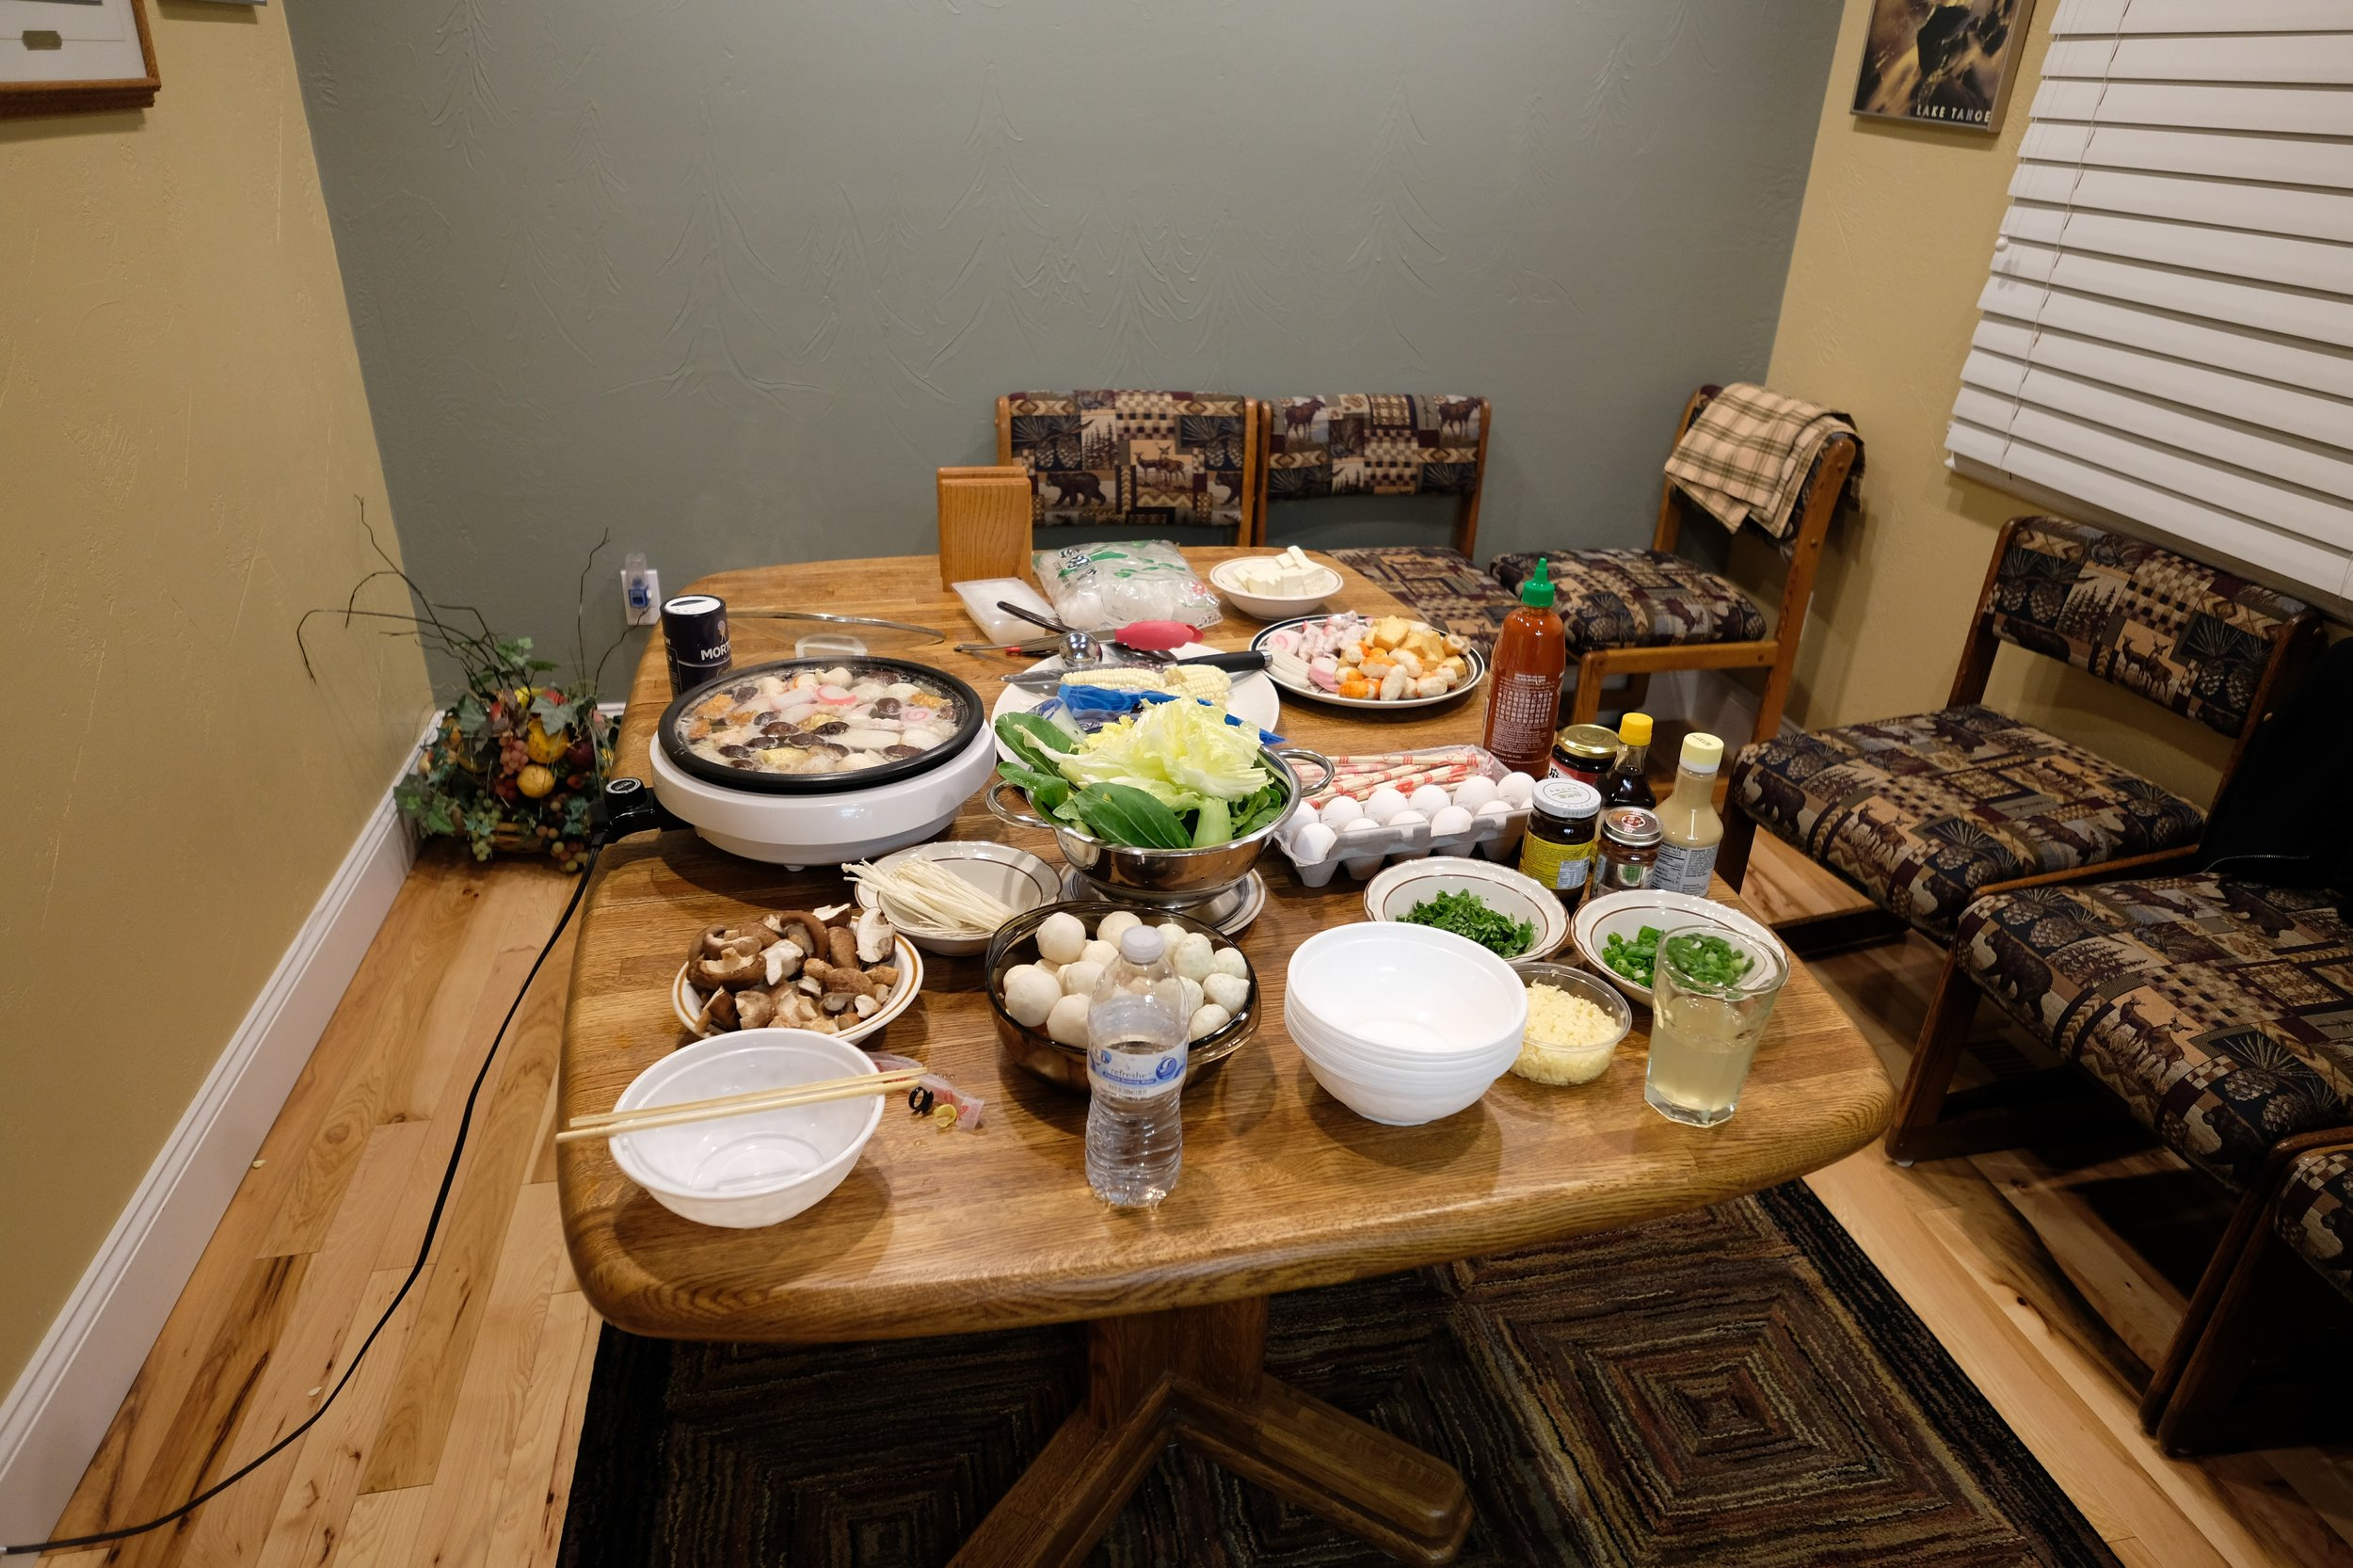 The veggies table